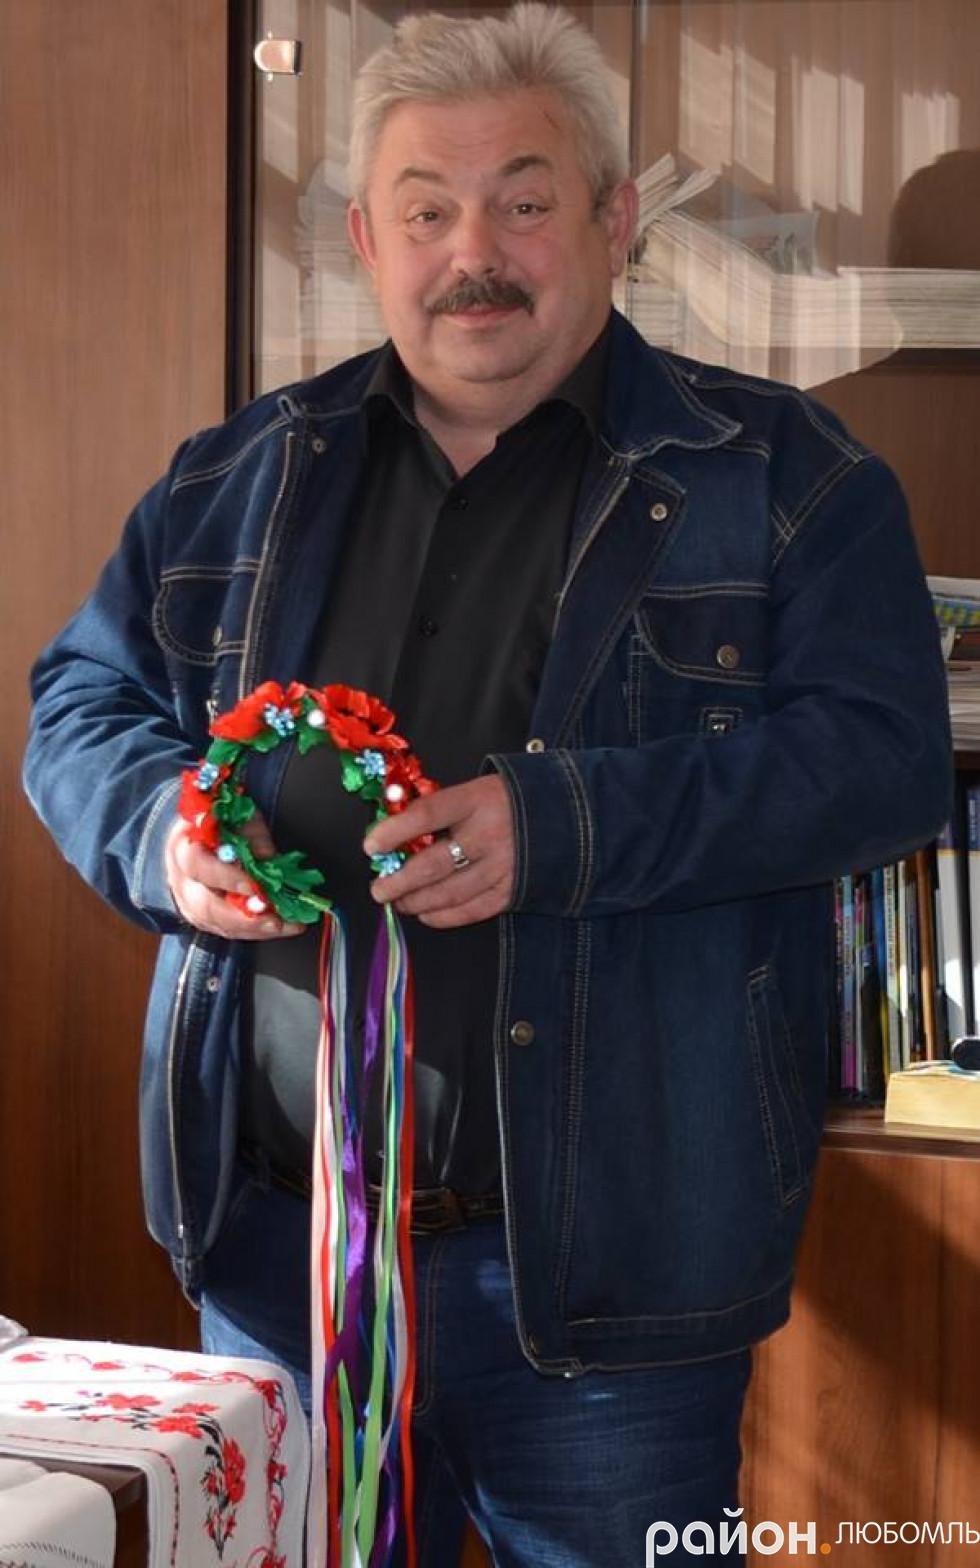 Депутат обласної ради Володимир Дибель придбав віночок для внучки.